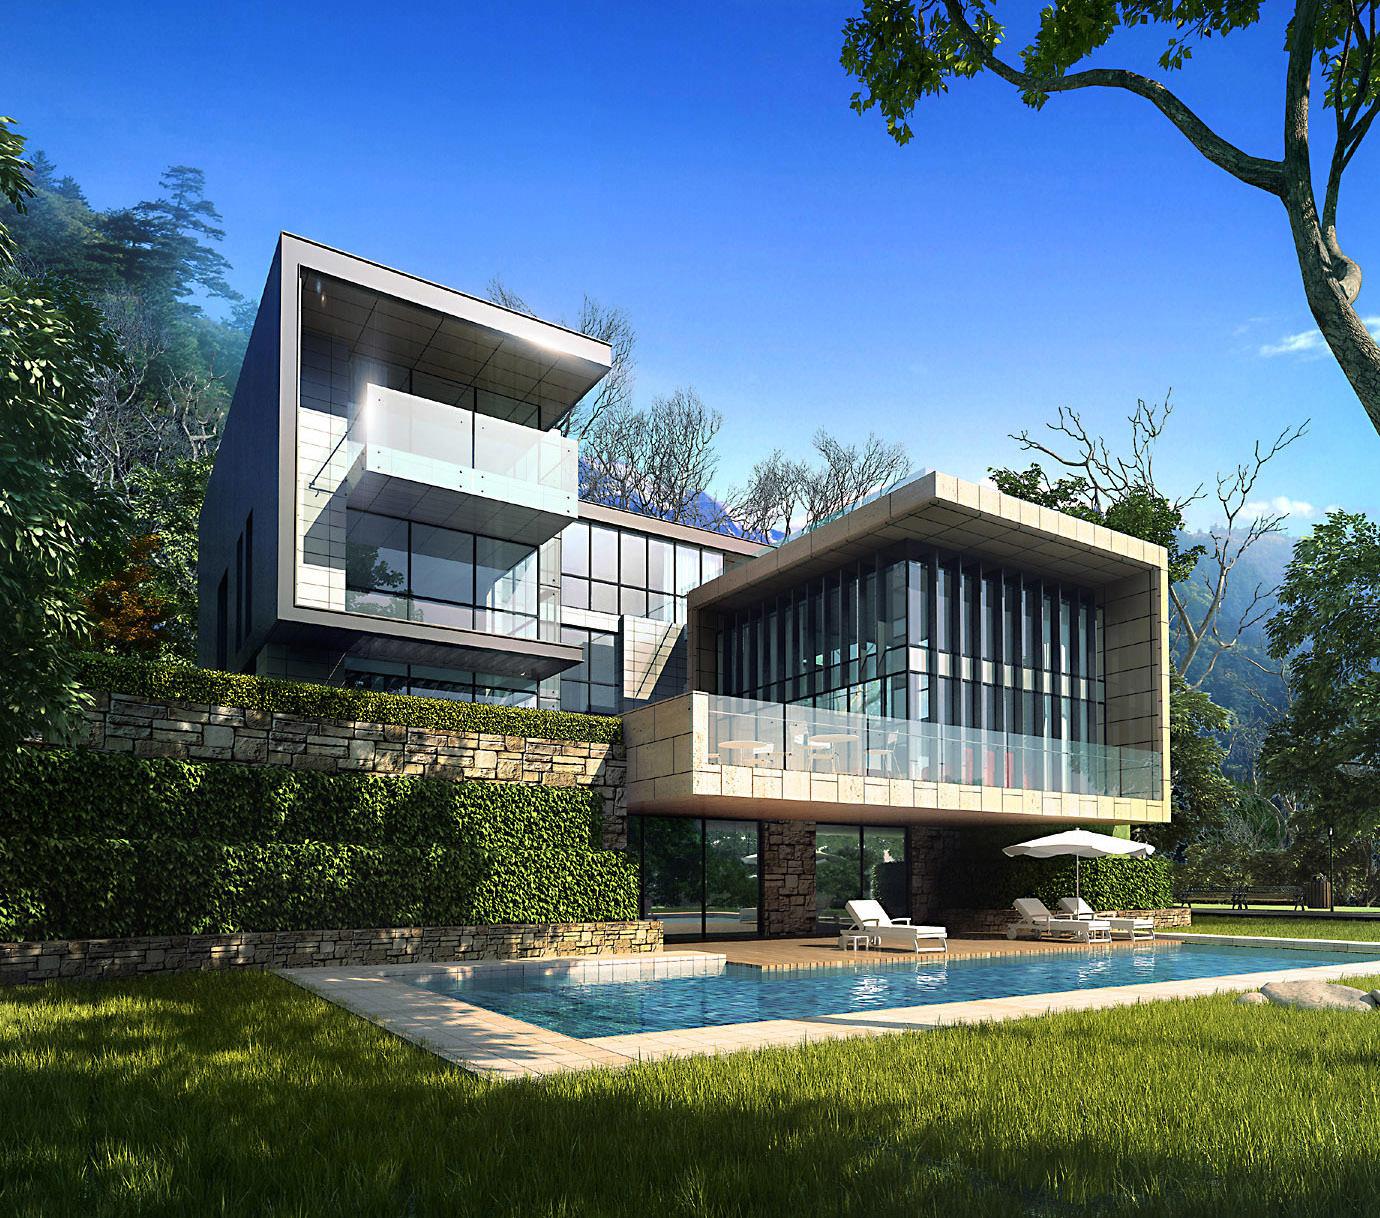 3d Villa 022 Cgtrader